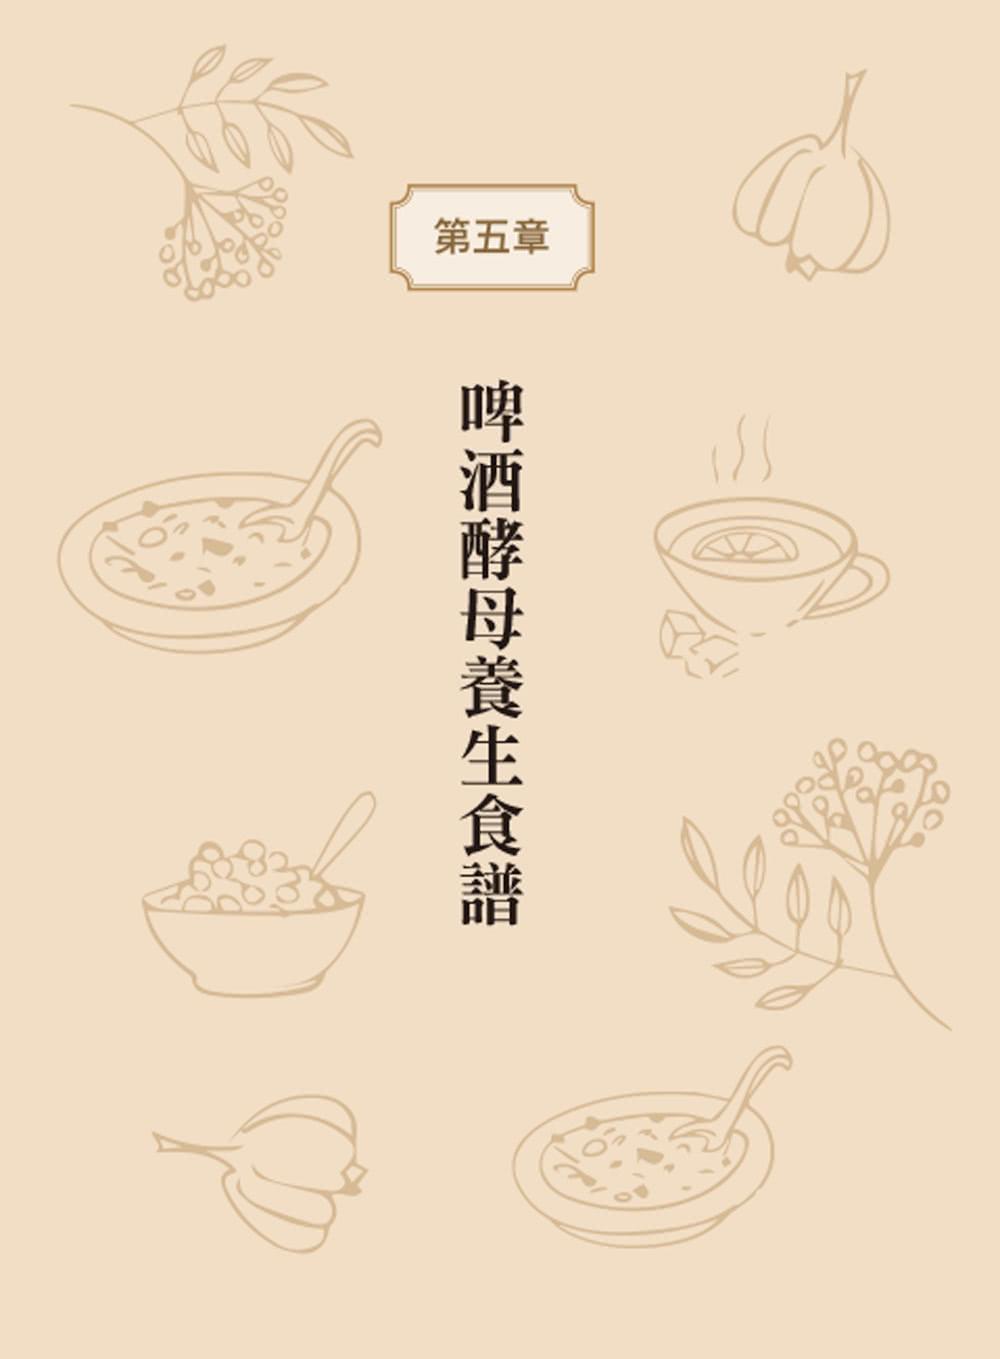 素食者的雞精-啤酒酵母:缺乏維他命B群,頭暈、心悸、痠痛、便秘和慢性疾病通通找上門